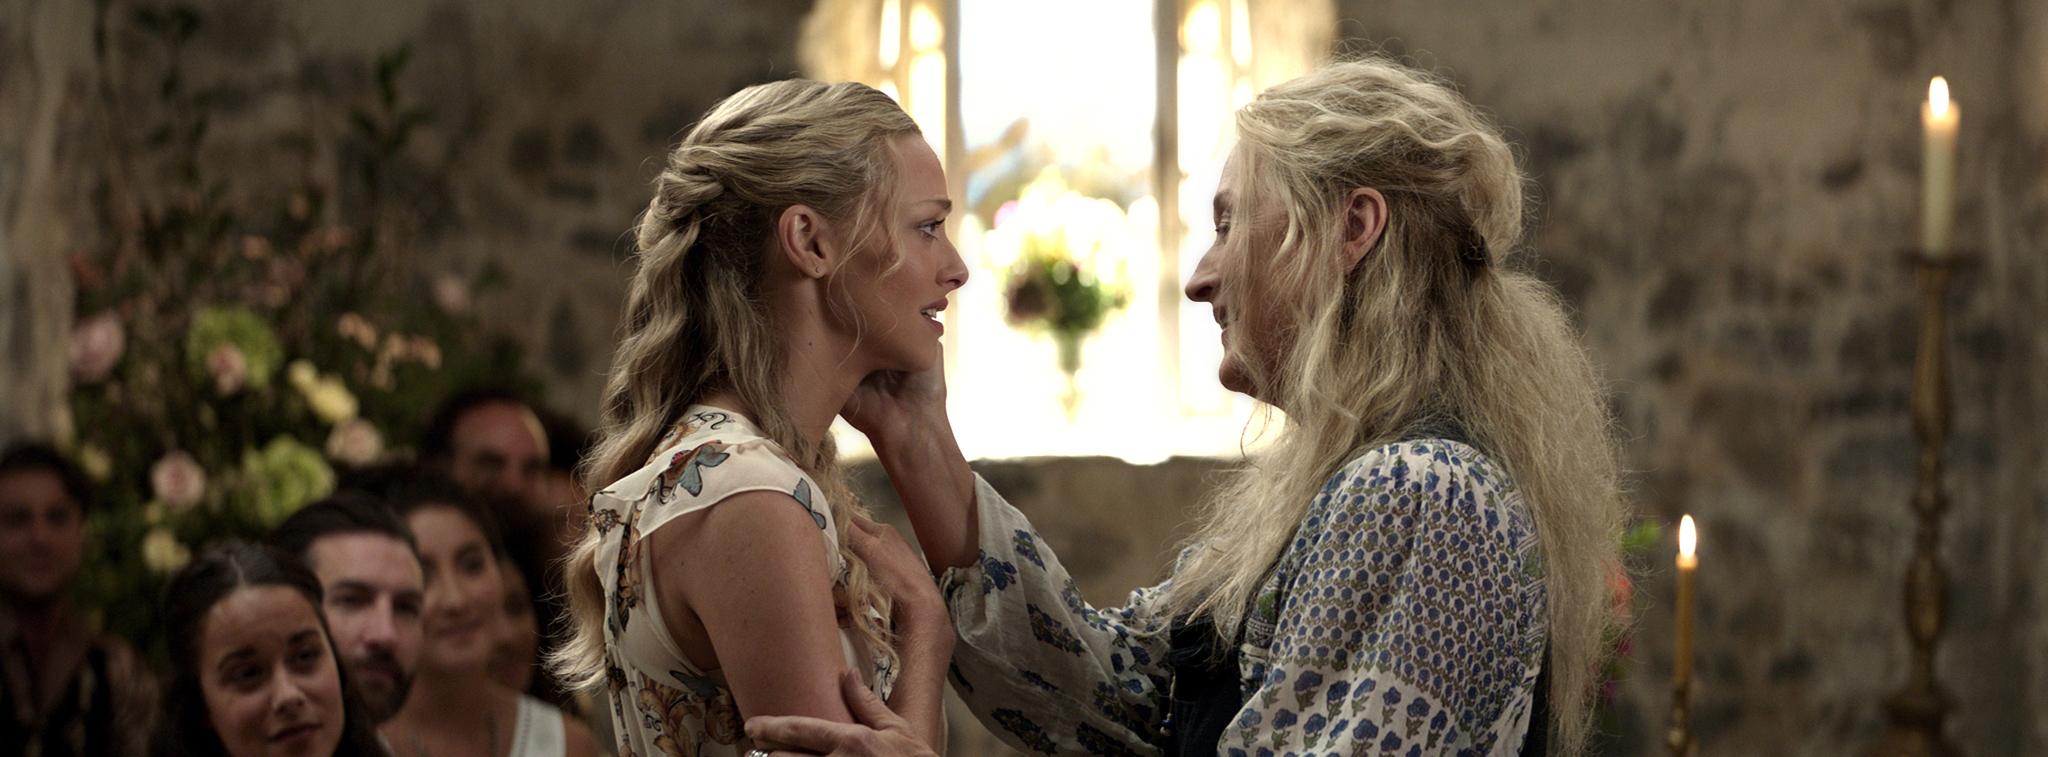 Meryl Streep and Amanda Seyfried in Mamma Mia! Here We Go Again (2018)